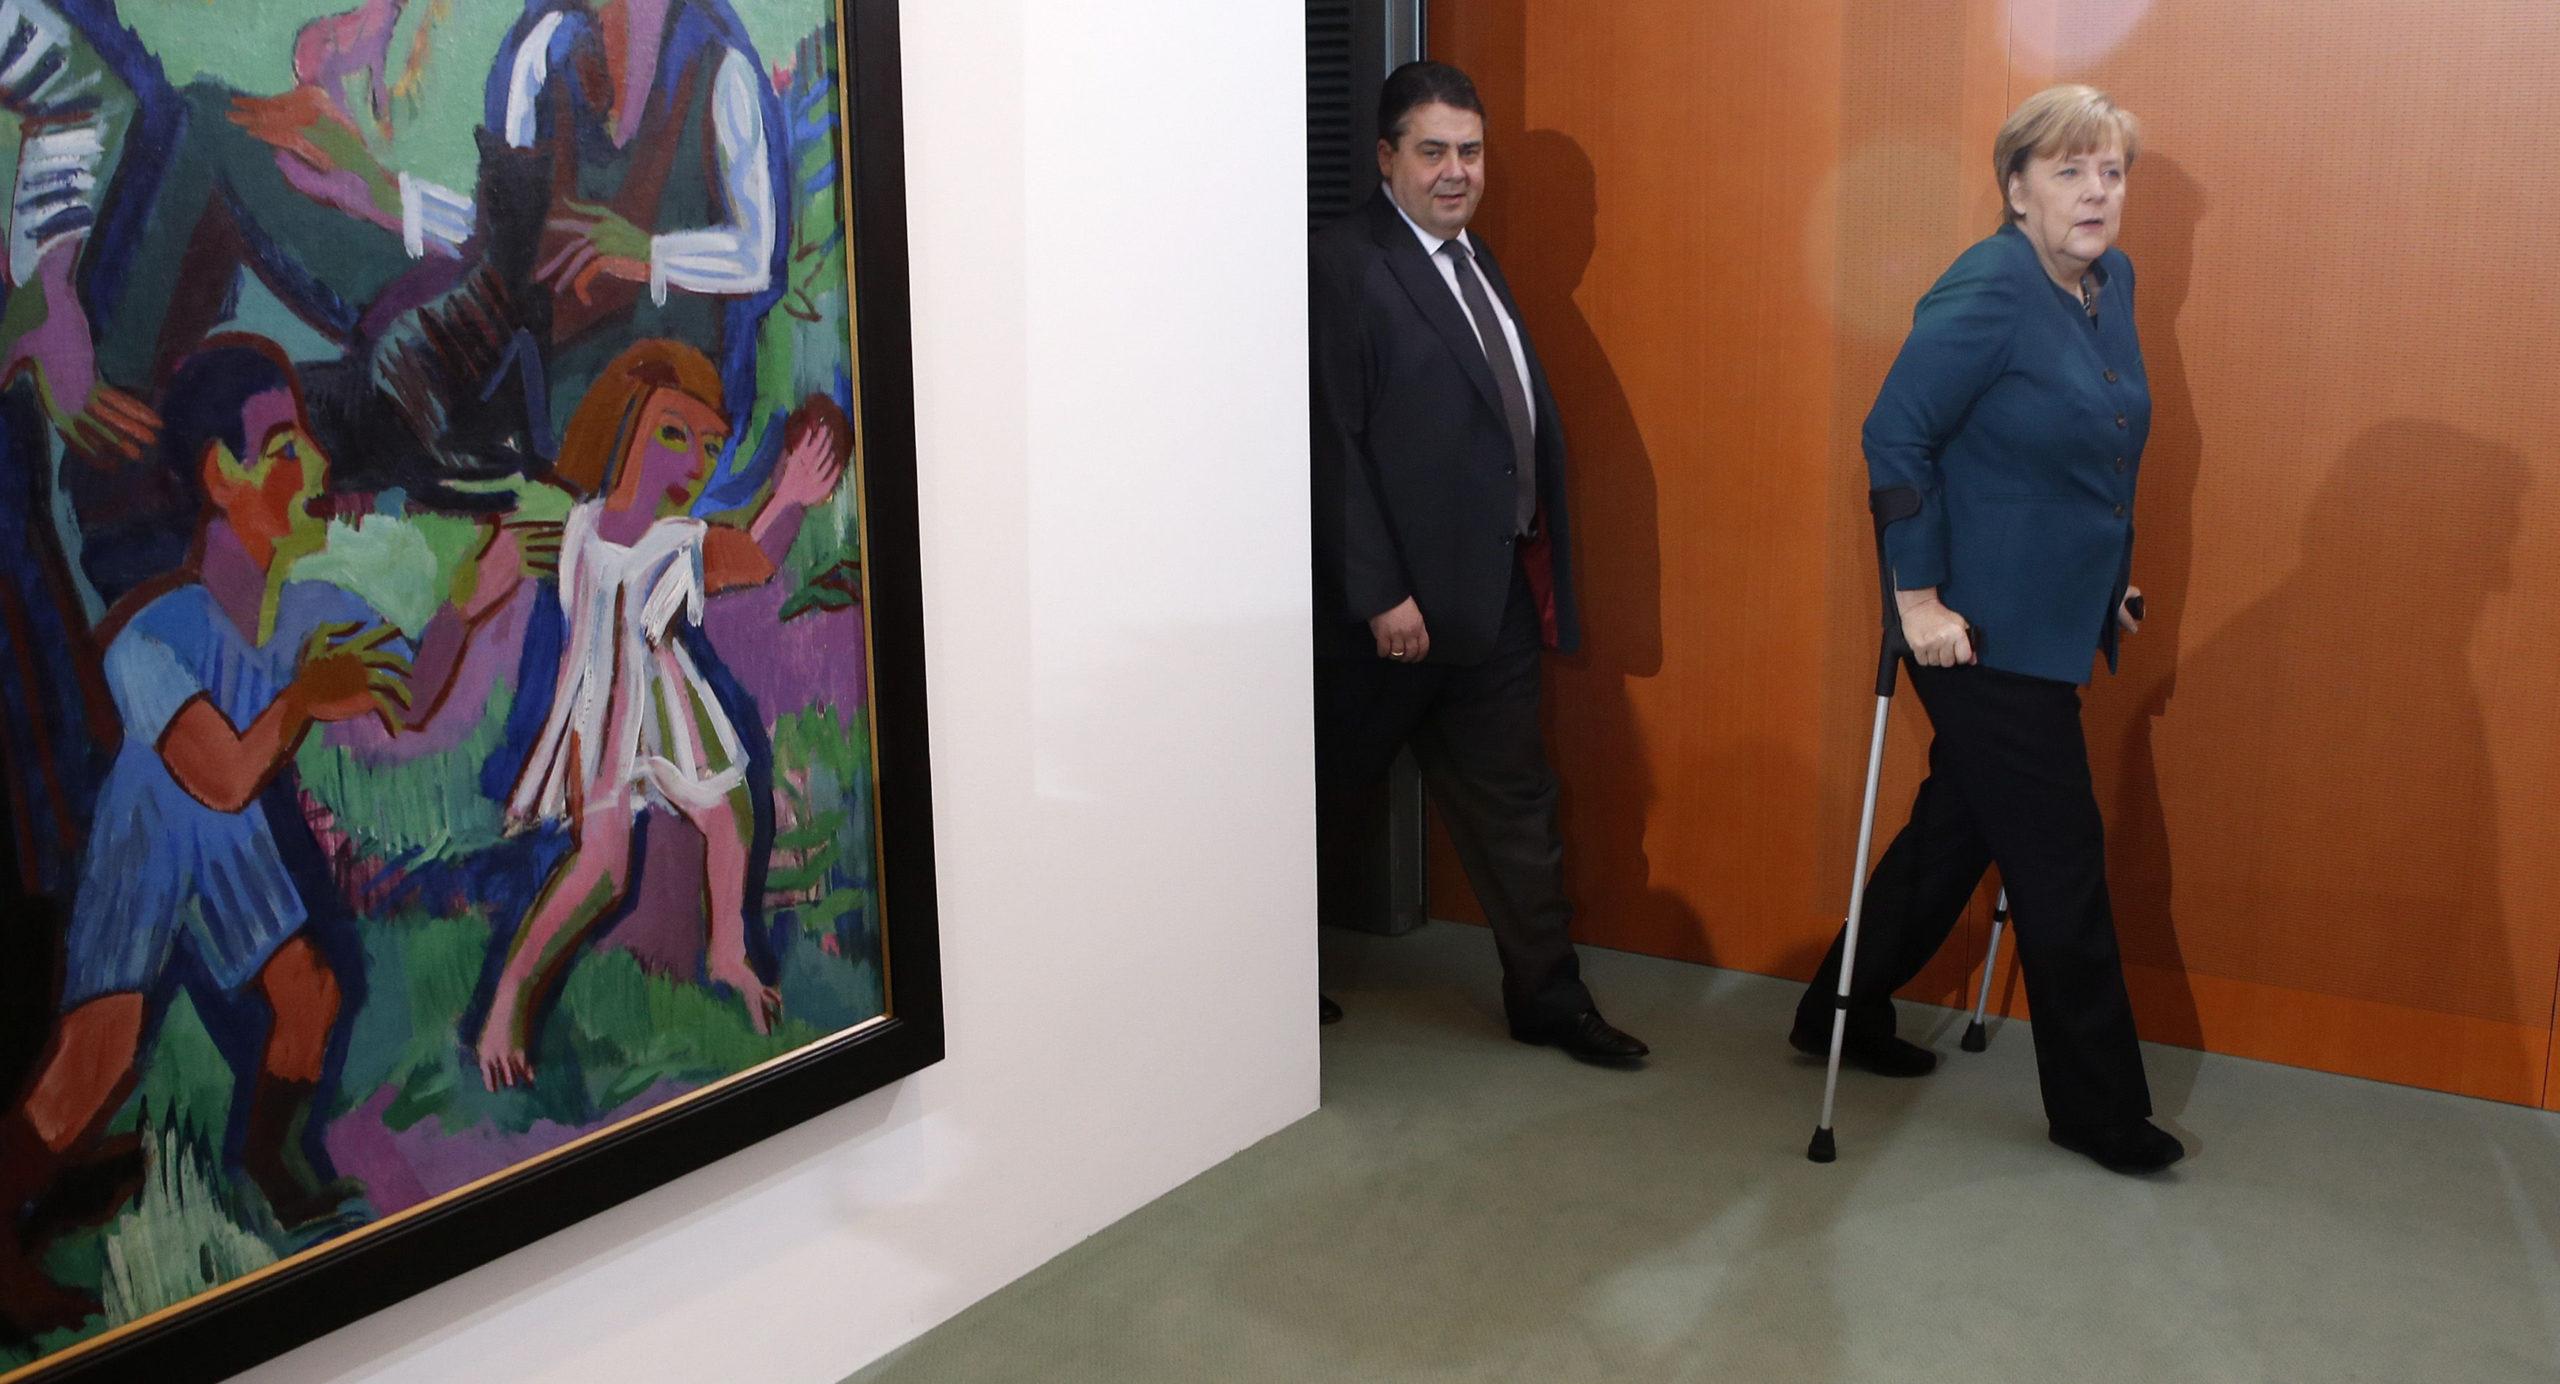 Liittokansleri Angela Merkel johtaa Saksaa. SPD:n johtaja, talousministeri Sigmar Gabriel kulkee kannoilla.